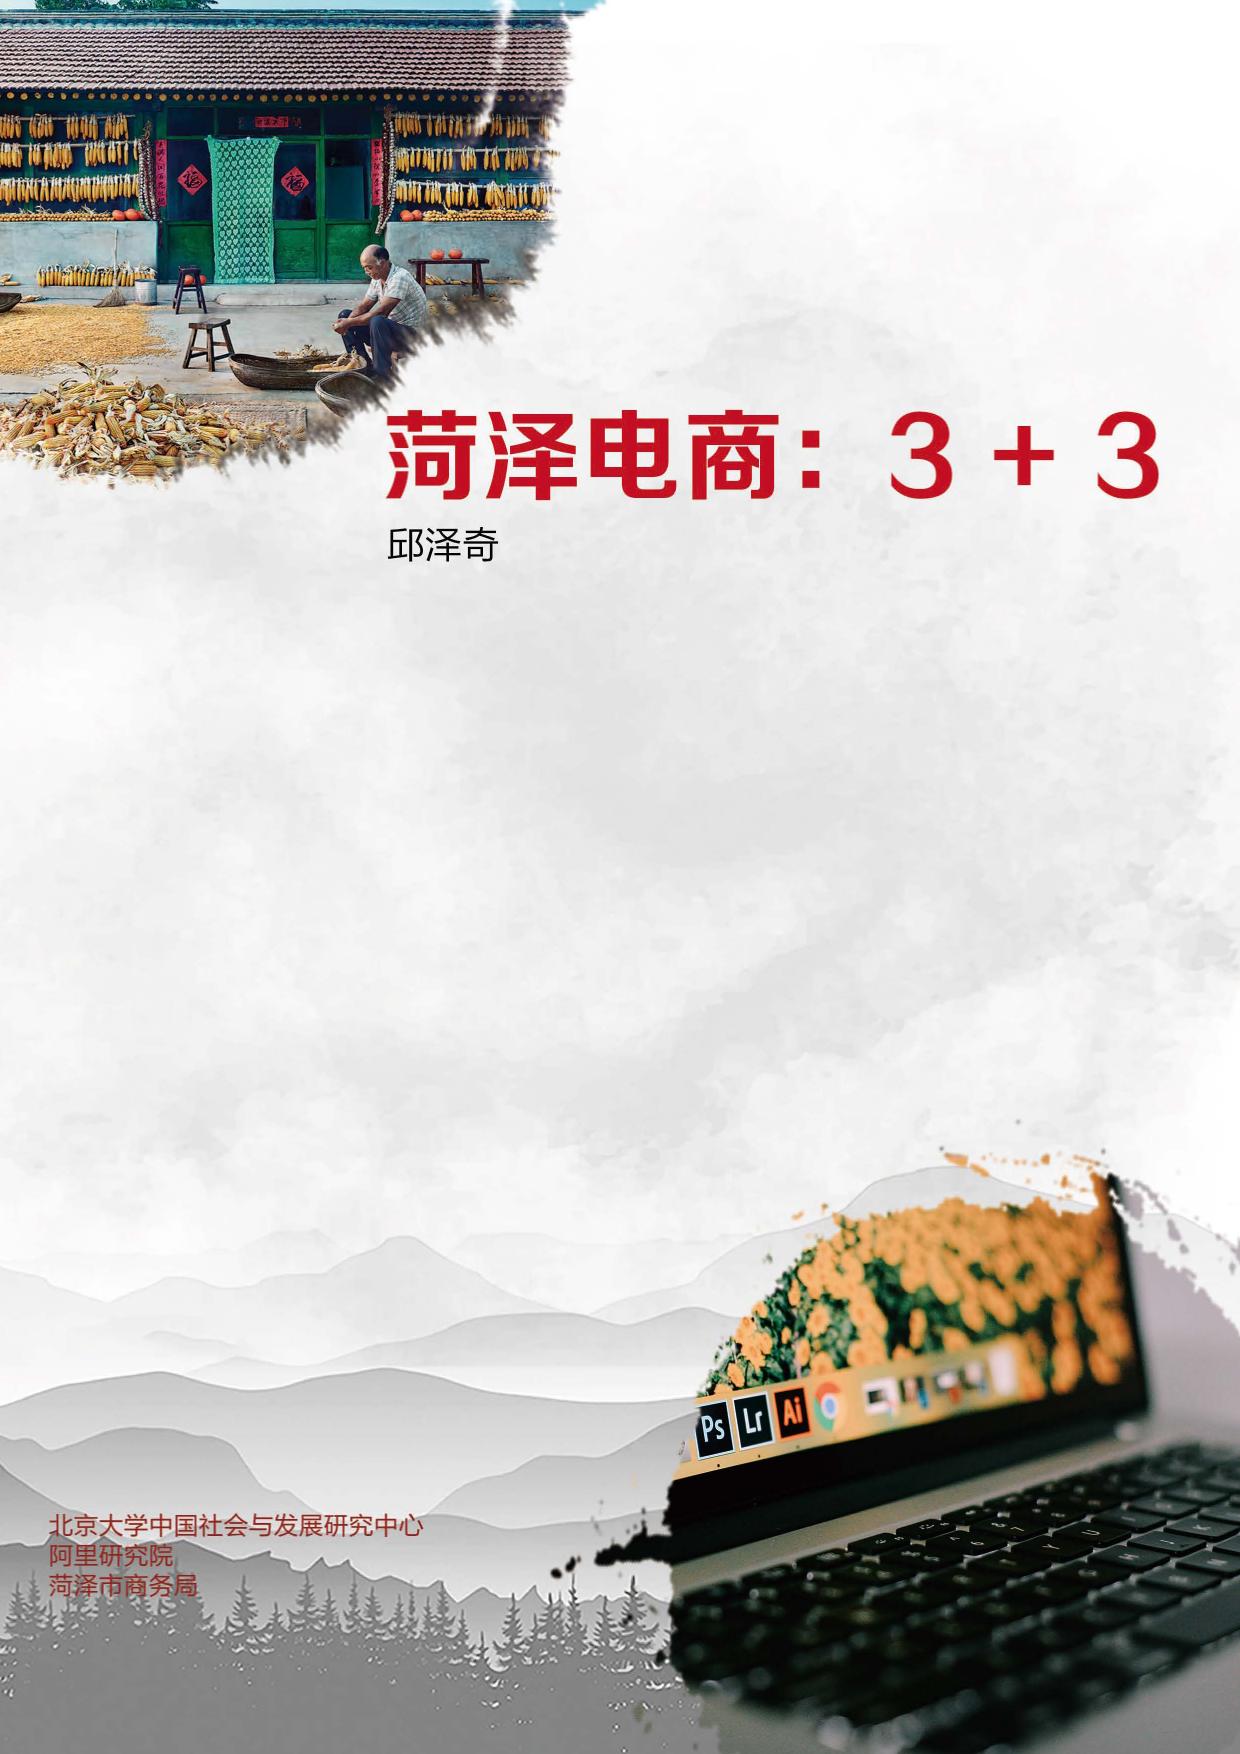 阿里研究院:农村电商,为什么是菏泽?(附下载)